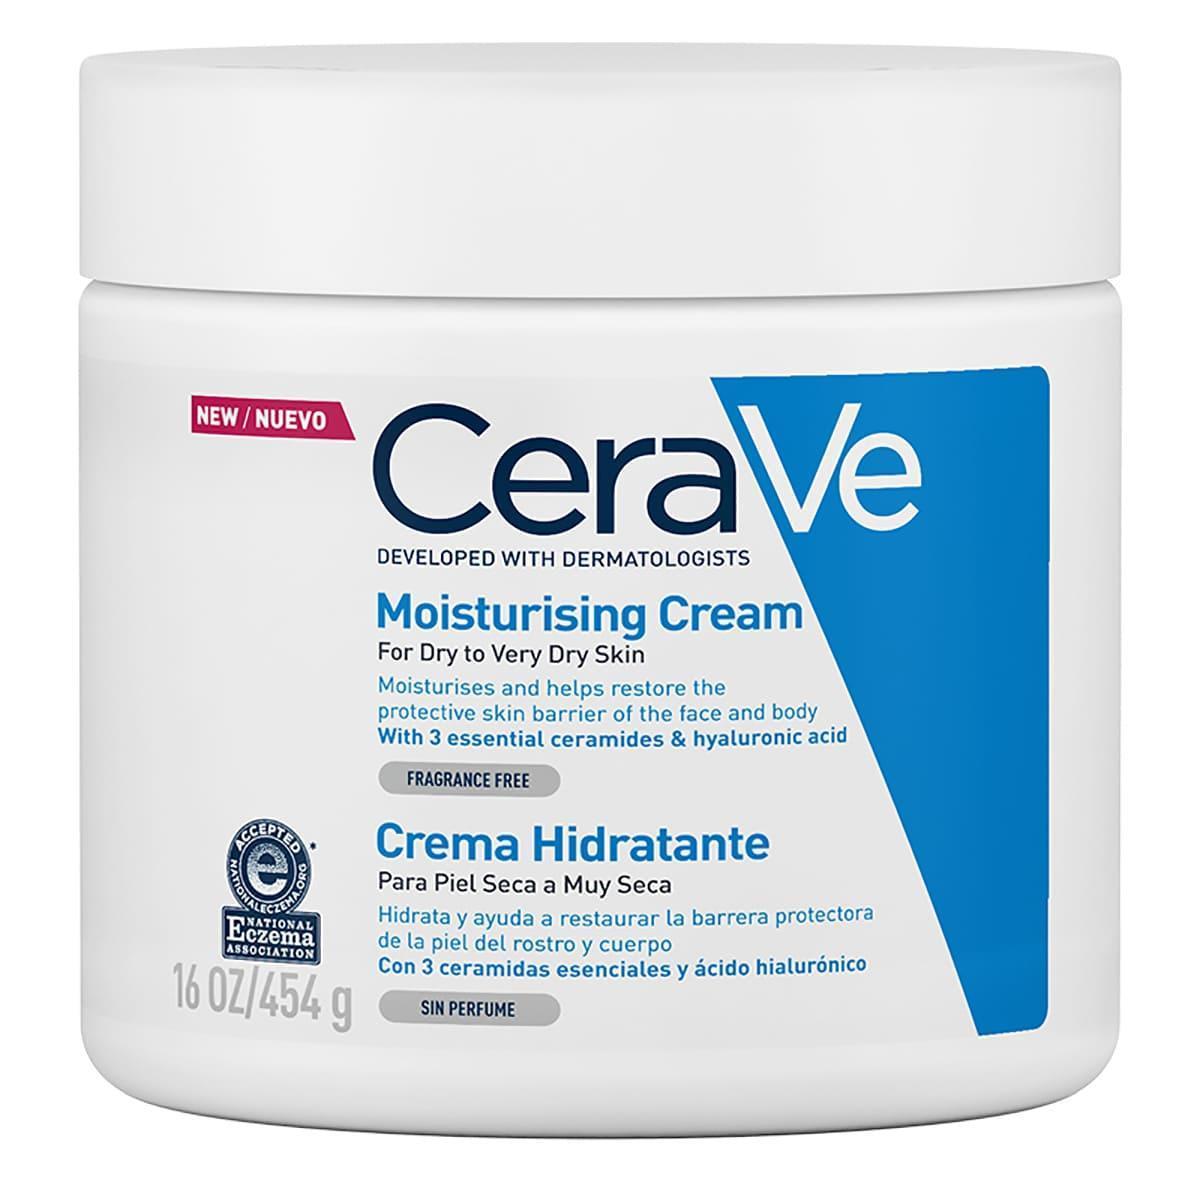 Cerave Crema Hidratante 454G